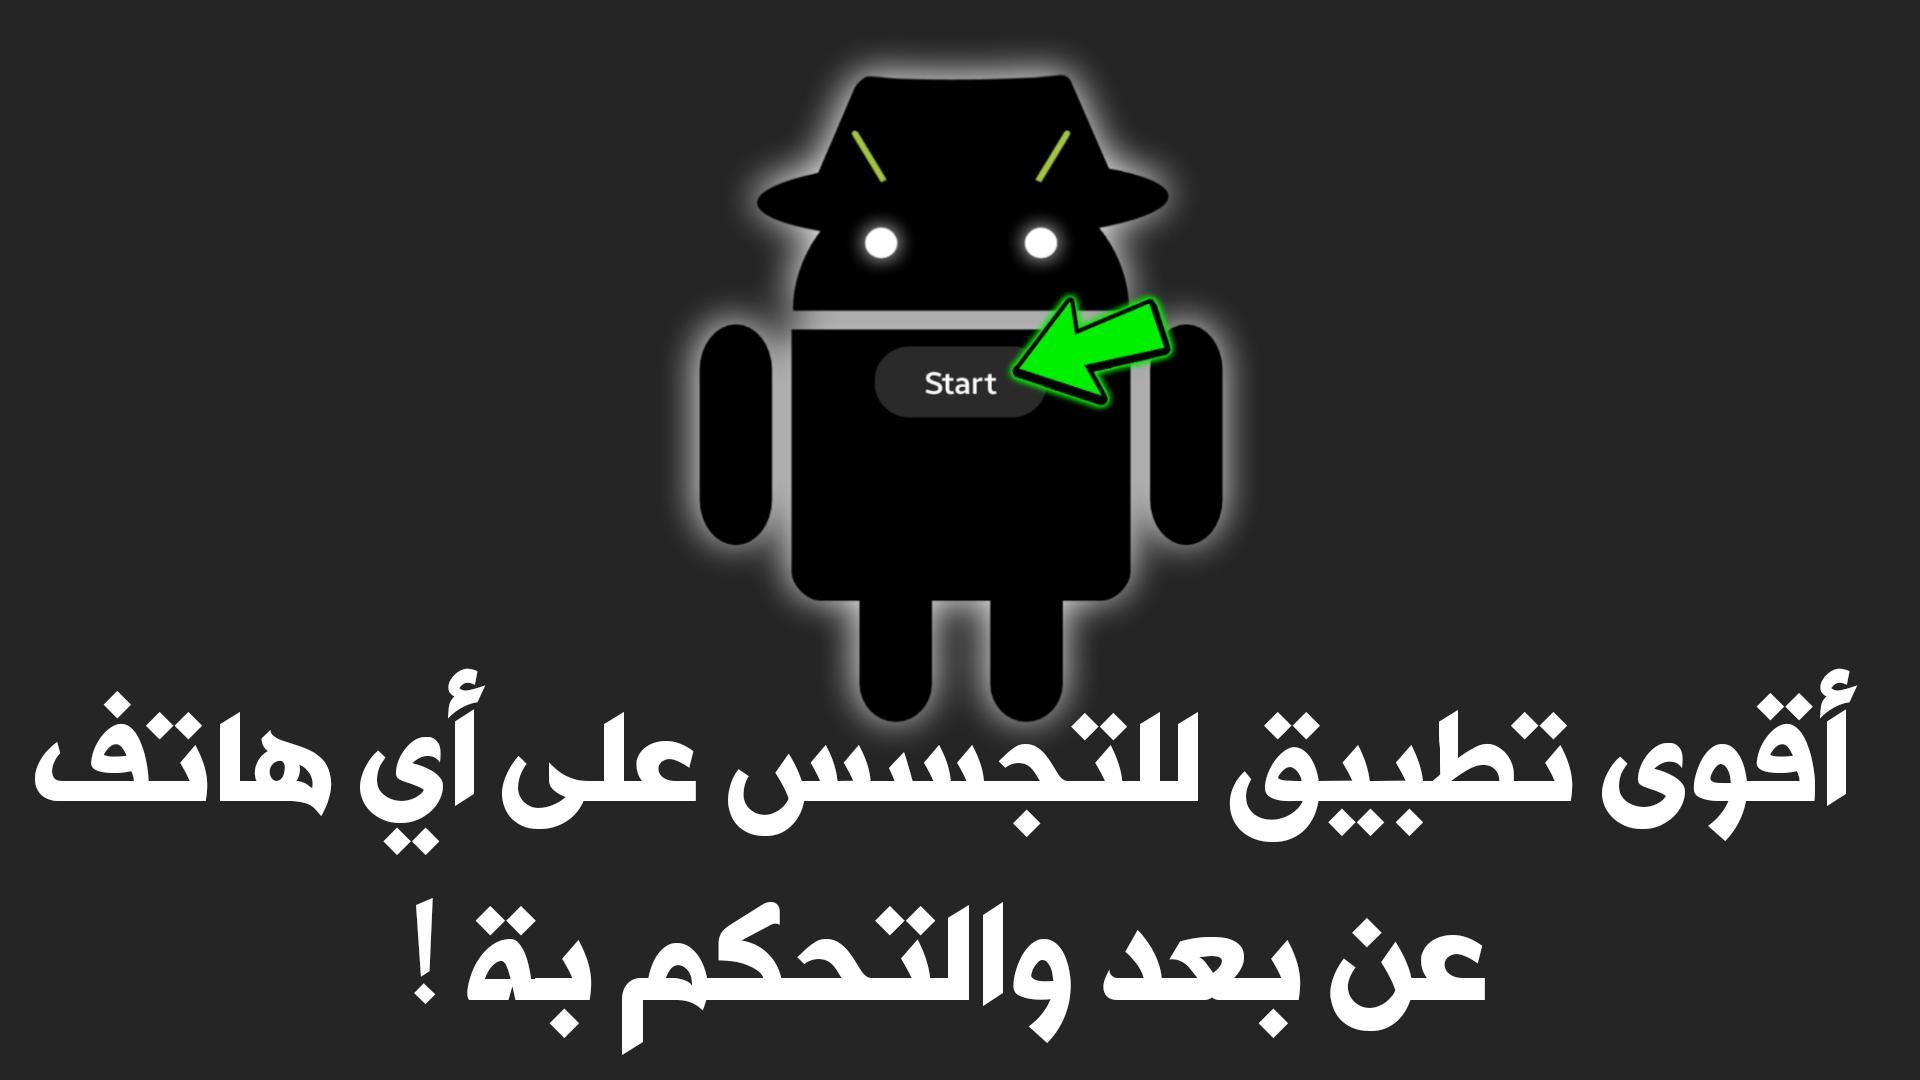 تطبيق للتجسس على أي هاتف عن بعد !!! بدون روت تحكم بأي هاتف Android